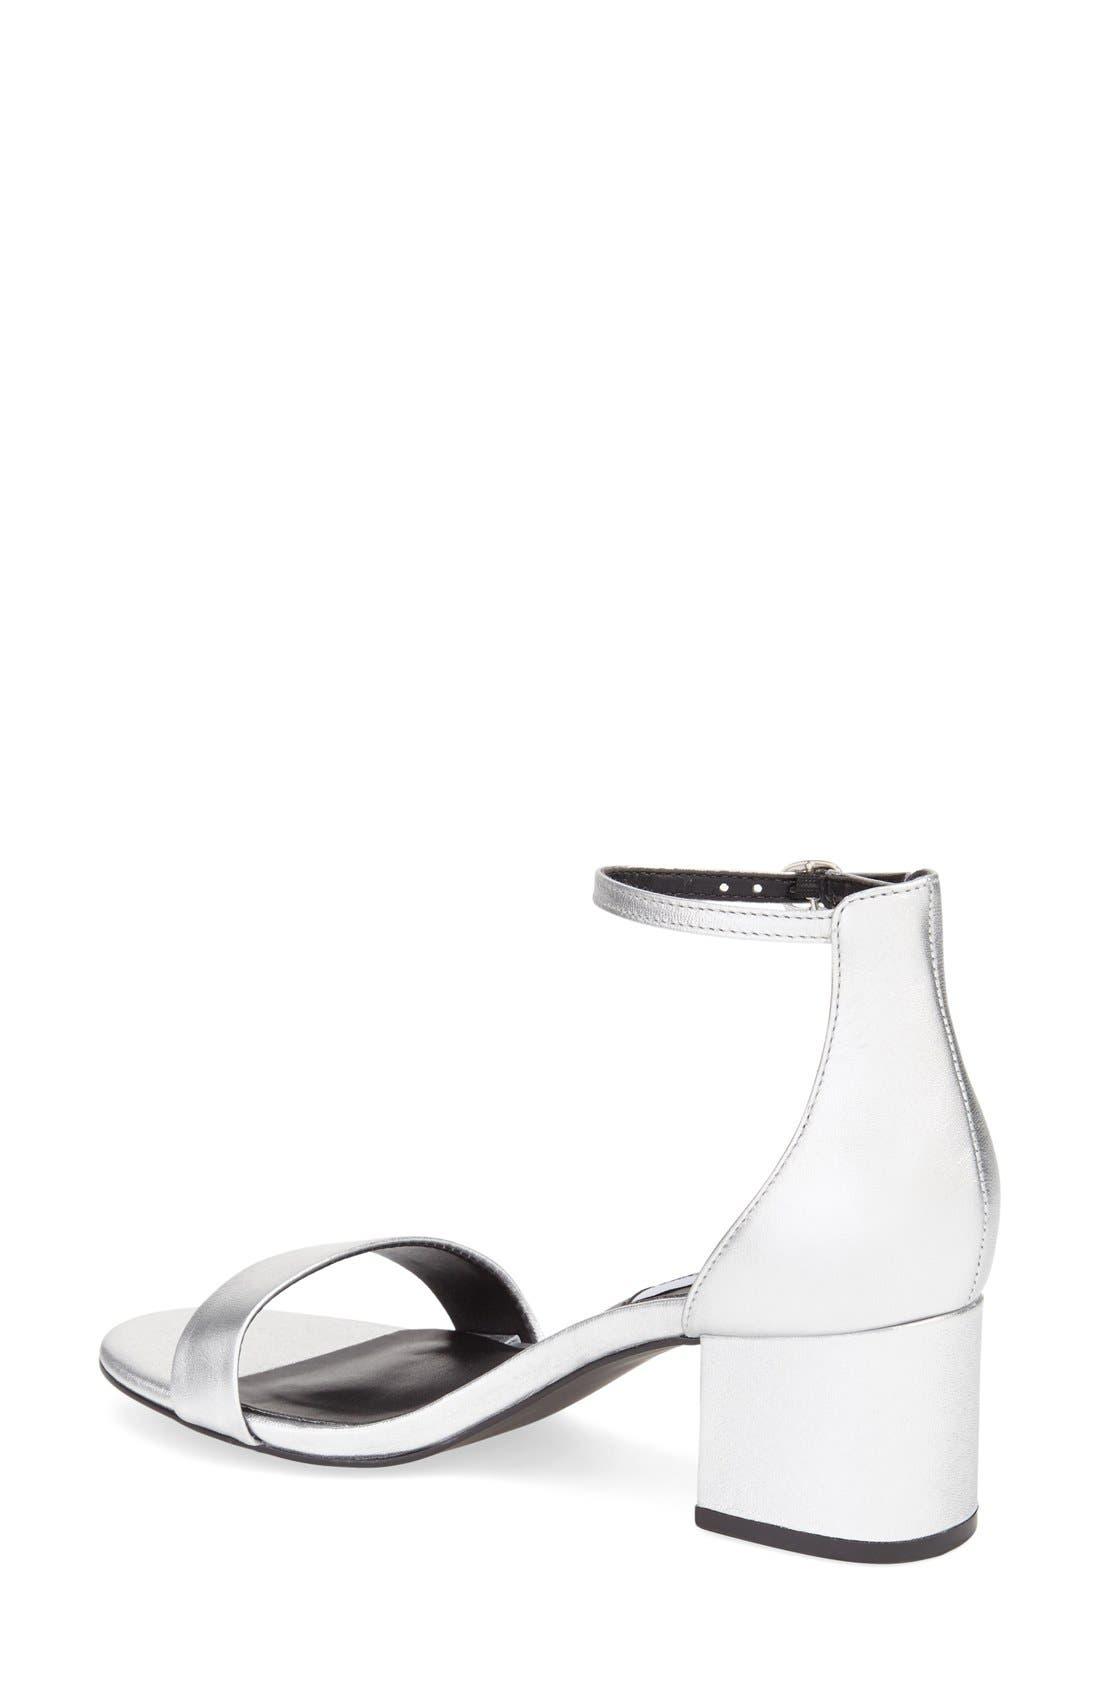 Irenee Ankle Strap Sandal,                             Alternate thumbnail 46, color,